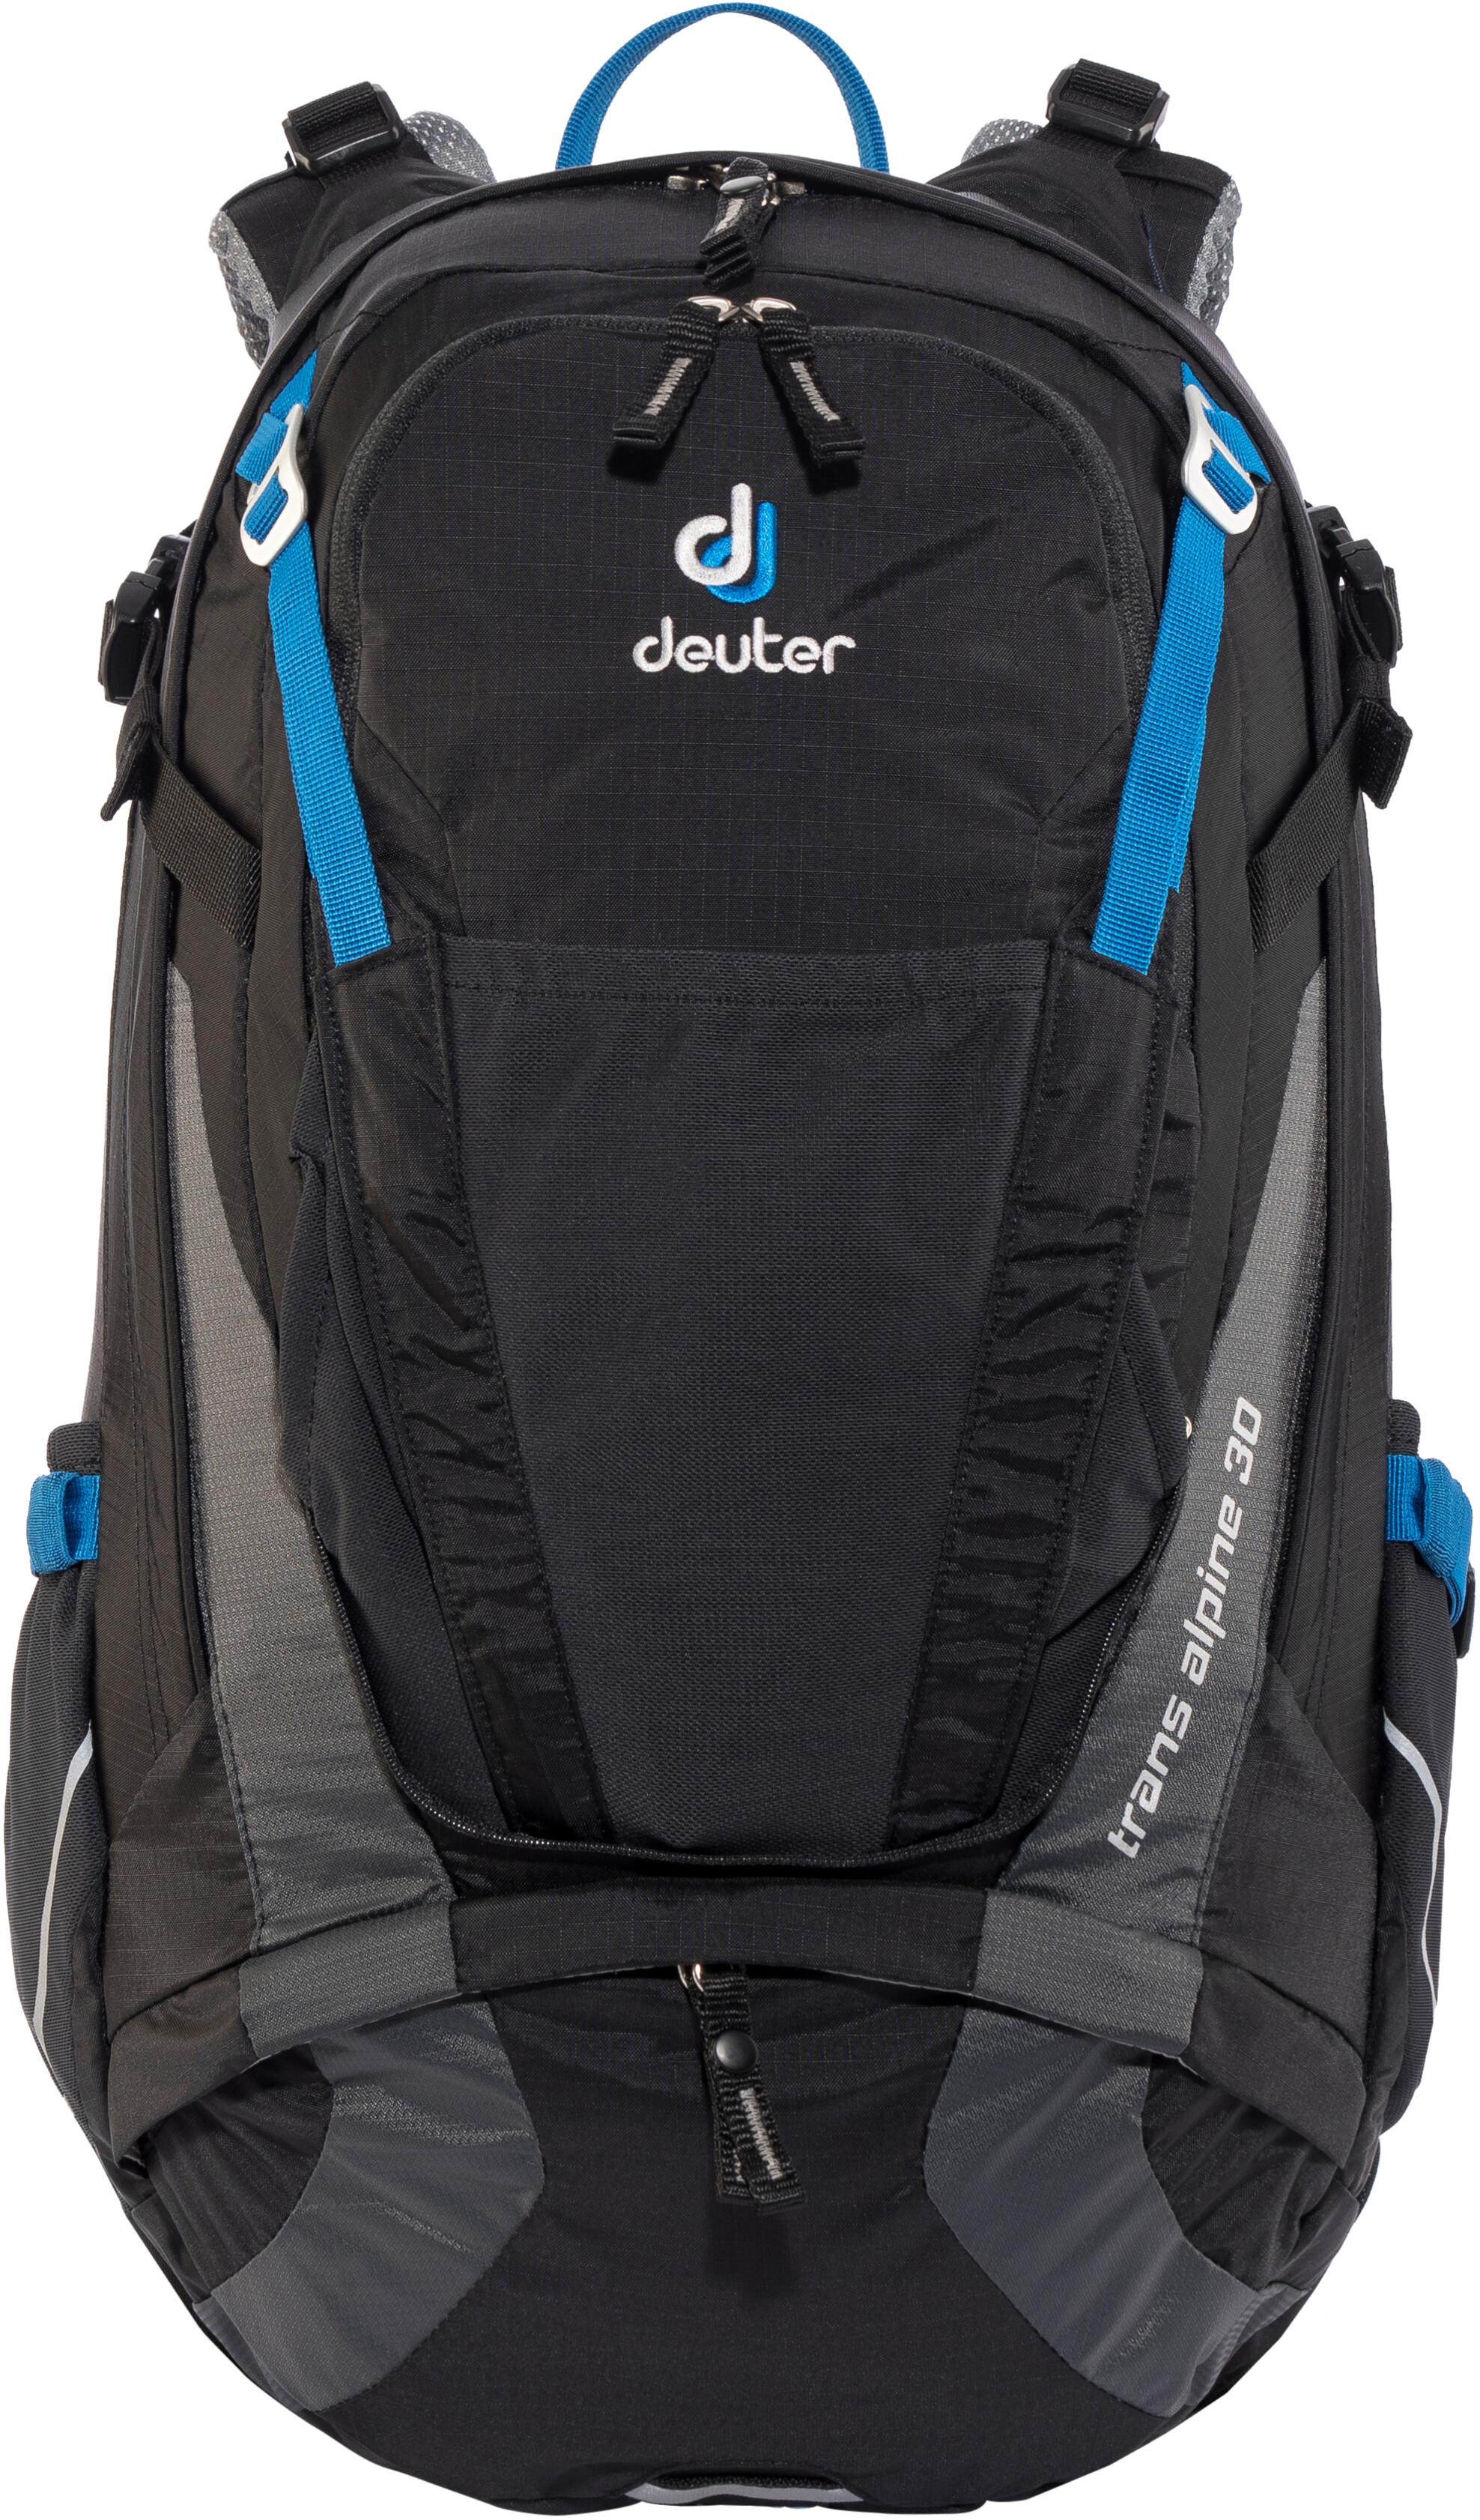 8a598c71a Deuter Trans Alpine 30 Backpack black at Bikester.co.uk